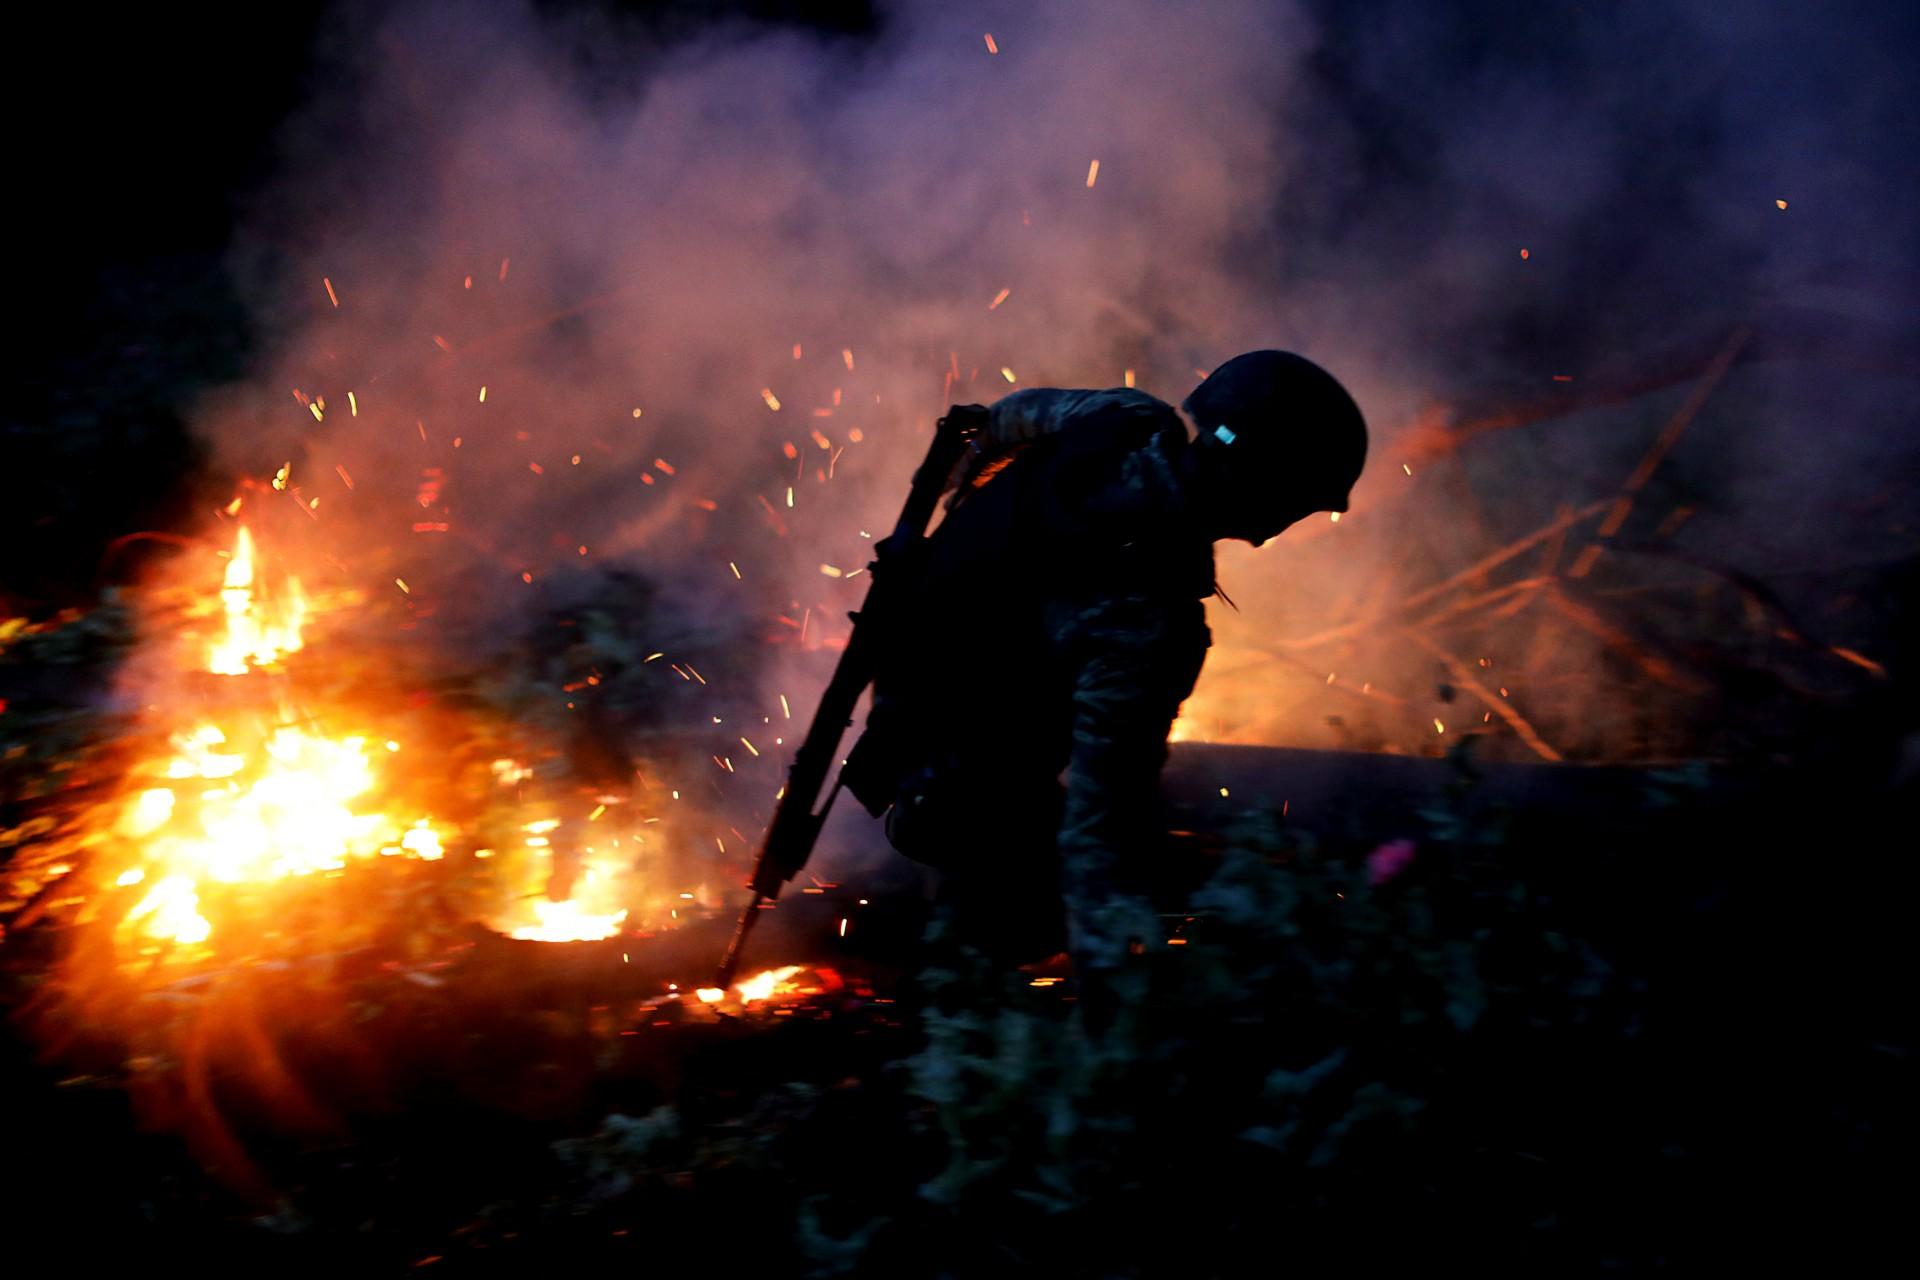 """Un soldado quema una plantación ilegal de opio cerca de Pueblo Viejo en la Sierra Madre del Sur, en el estado sureño de Guerrero, México, el 24 de agosto de 2018. REUTERS / Carlos Jasso BUSQUE """"JASSO OPIUM"""" PARA ESTA HISTORIA. BÚSQUEDA """"UNA IMAGEN MÁS AMPLIA"""" PARA TODAS LAS HISTORIAS."""